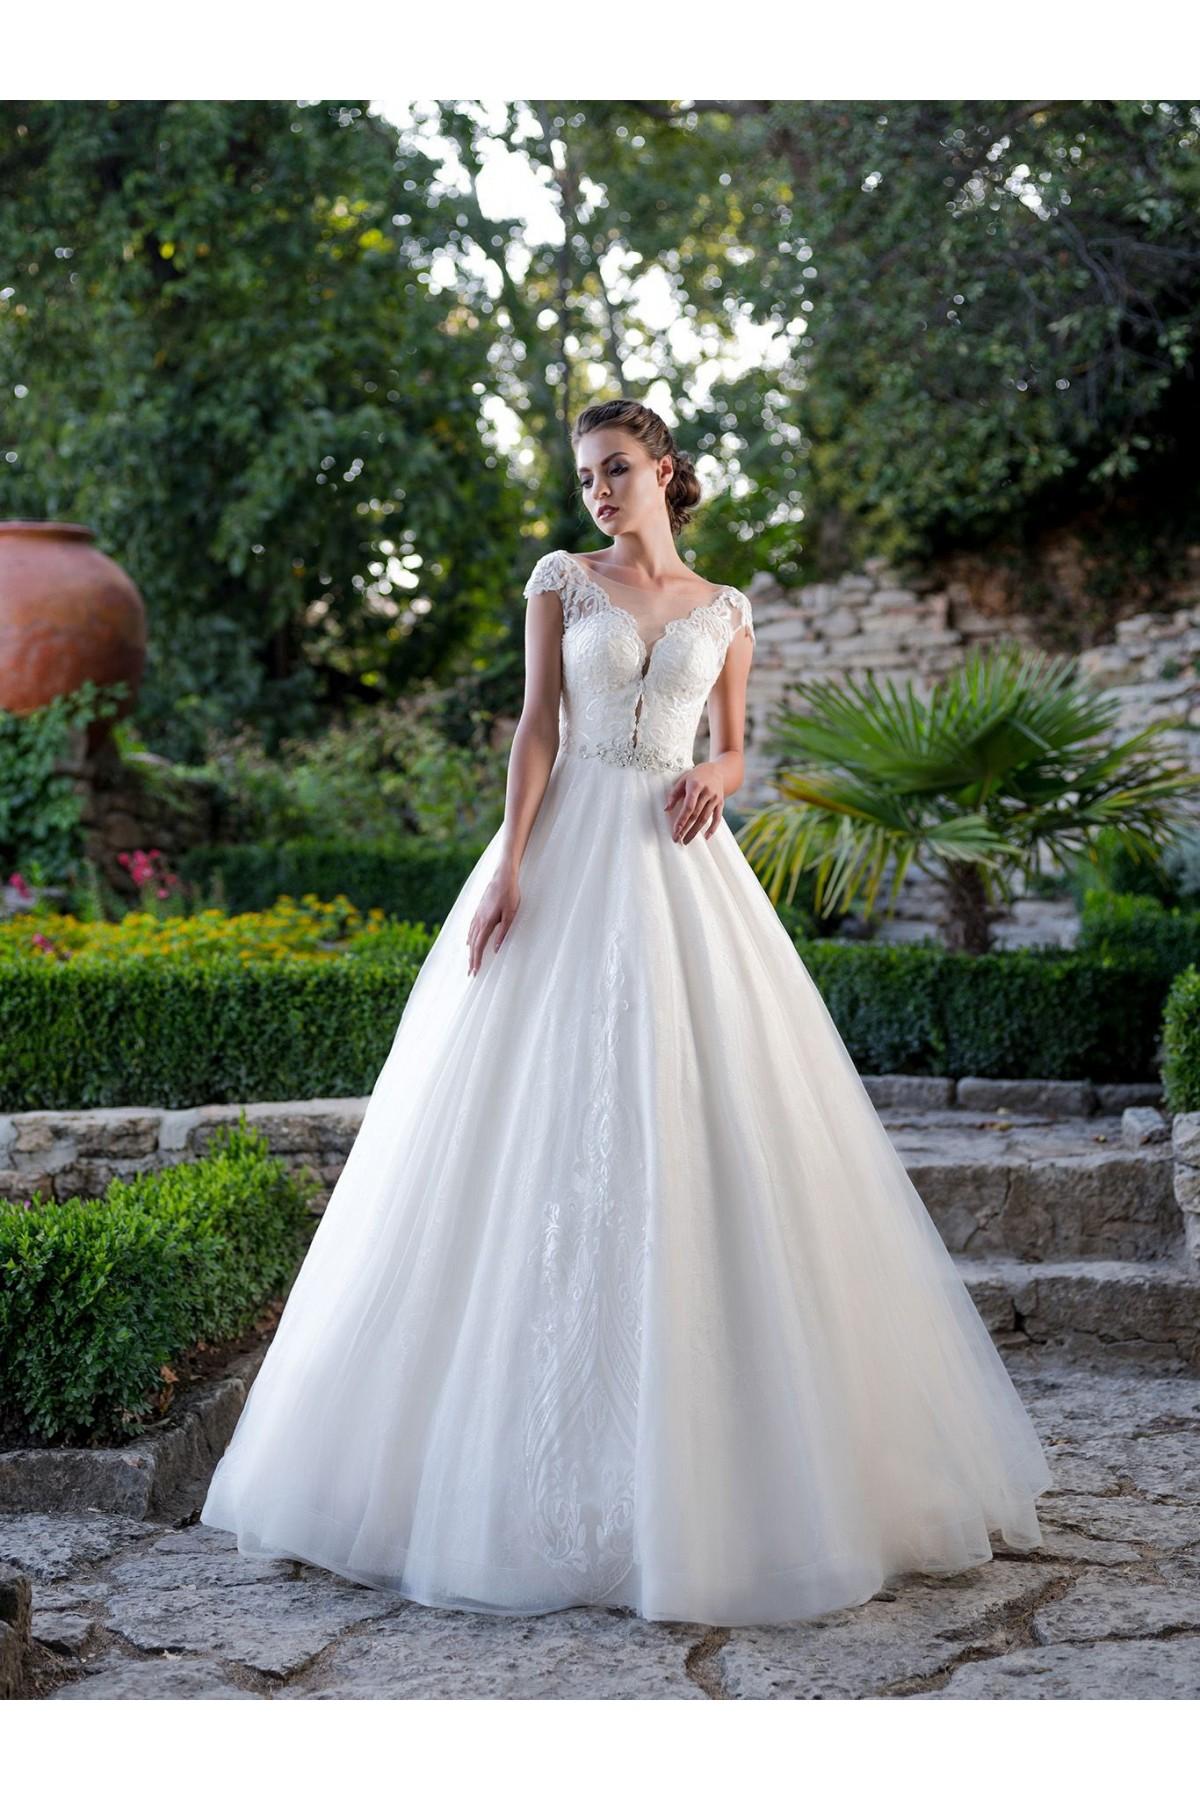 19b65d543376 Tento model môžete ihneď skúšať alebo zakúpiť vo veľkosti 38 vo farbe ivory  vo Svadobnom centre EvaMária v Seredi na M. R. Štefánika 9. Svadobné šaty  Marit ...